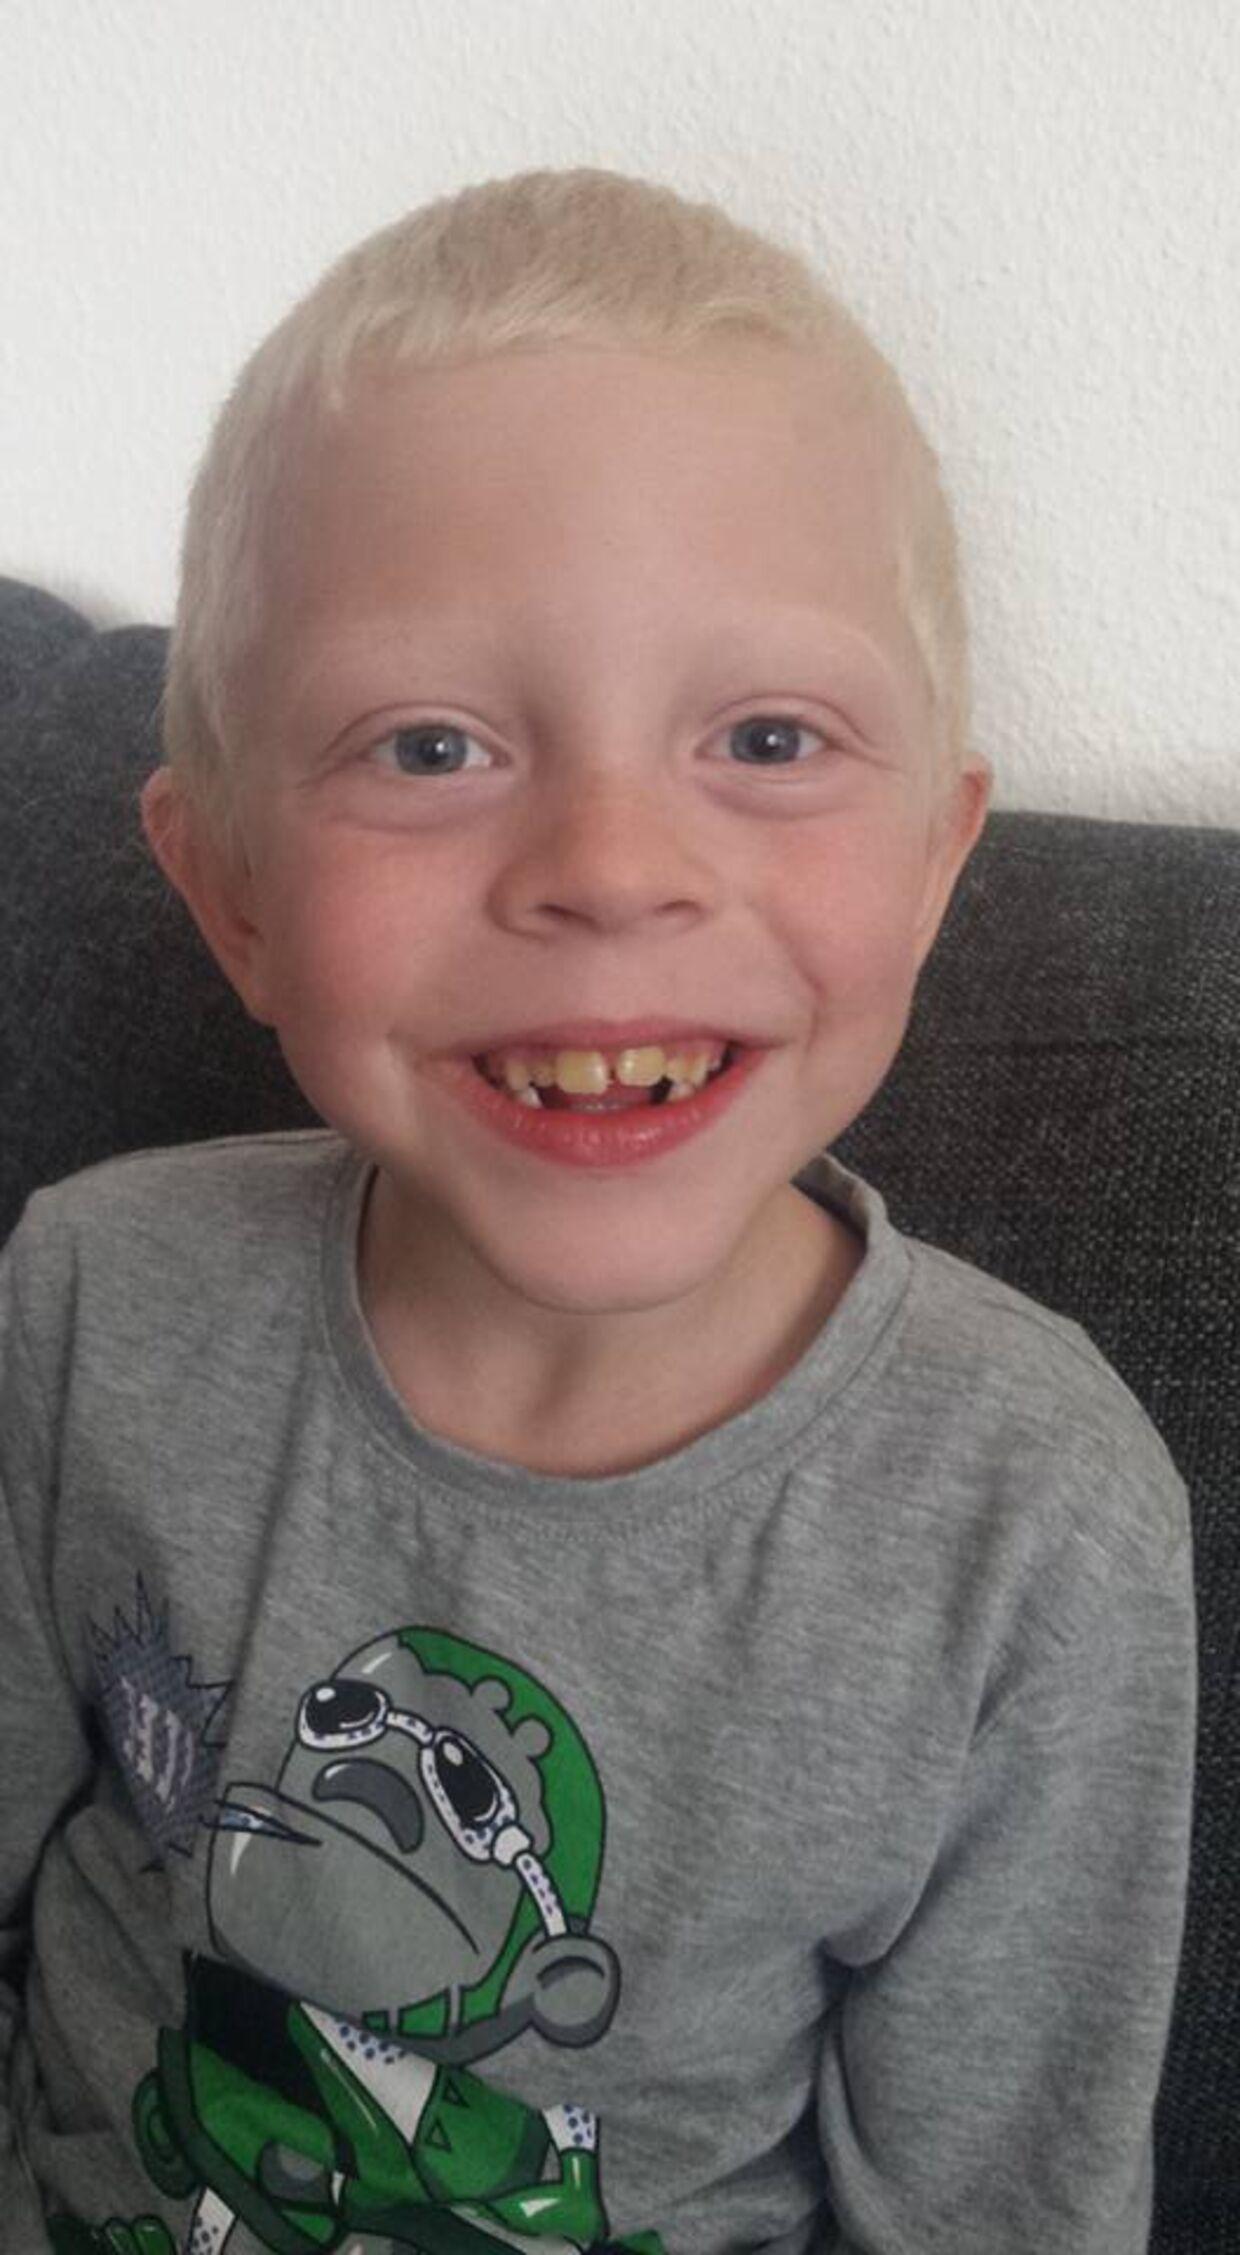 Jonas Esbjerg Krogh er syv år og har ingen venner på trods af utallige forsøg på at få nogen.